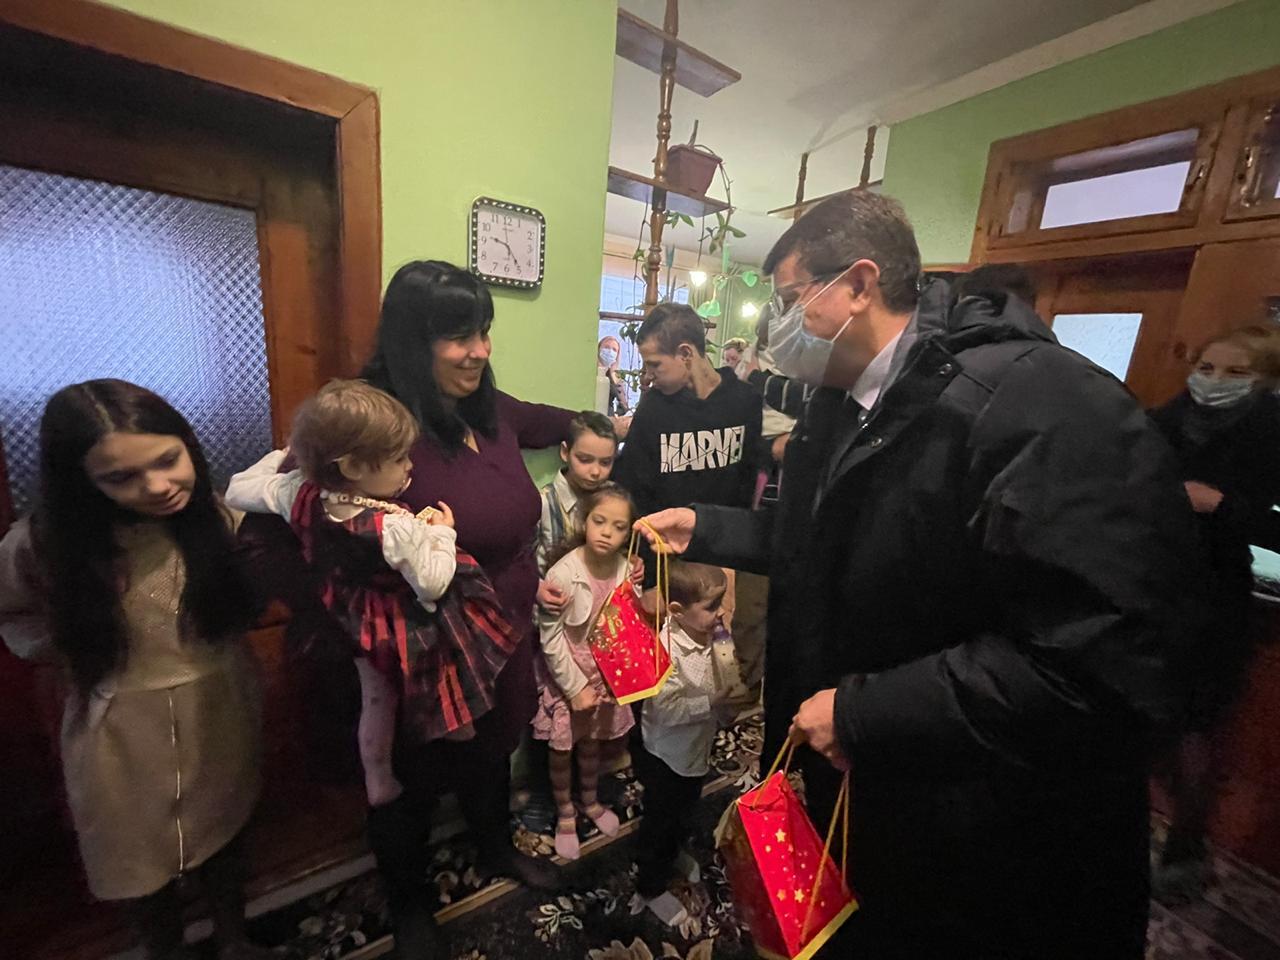 Велика родина із Закарпаття отримала щедрий подарунок від держави — власний будинок